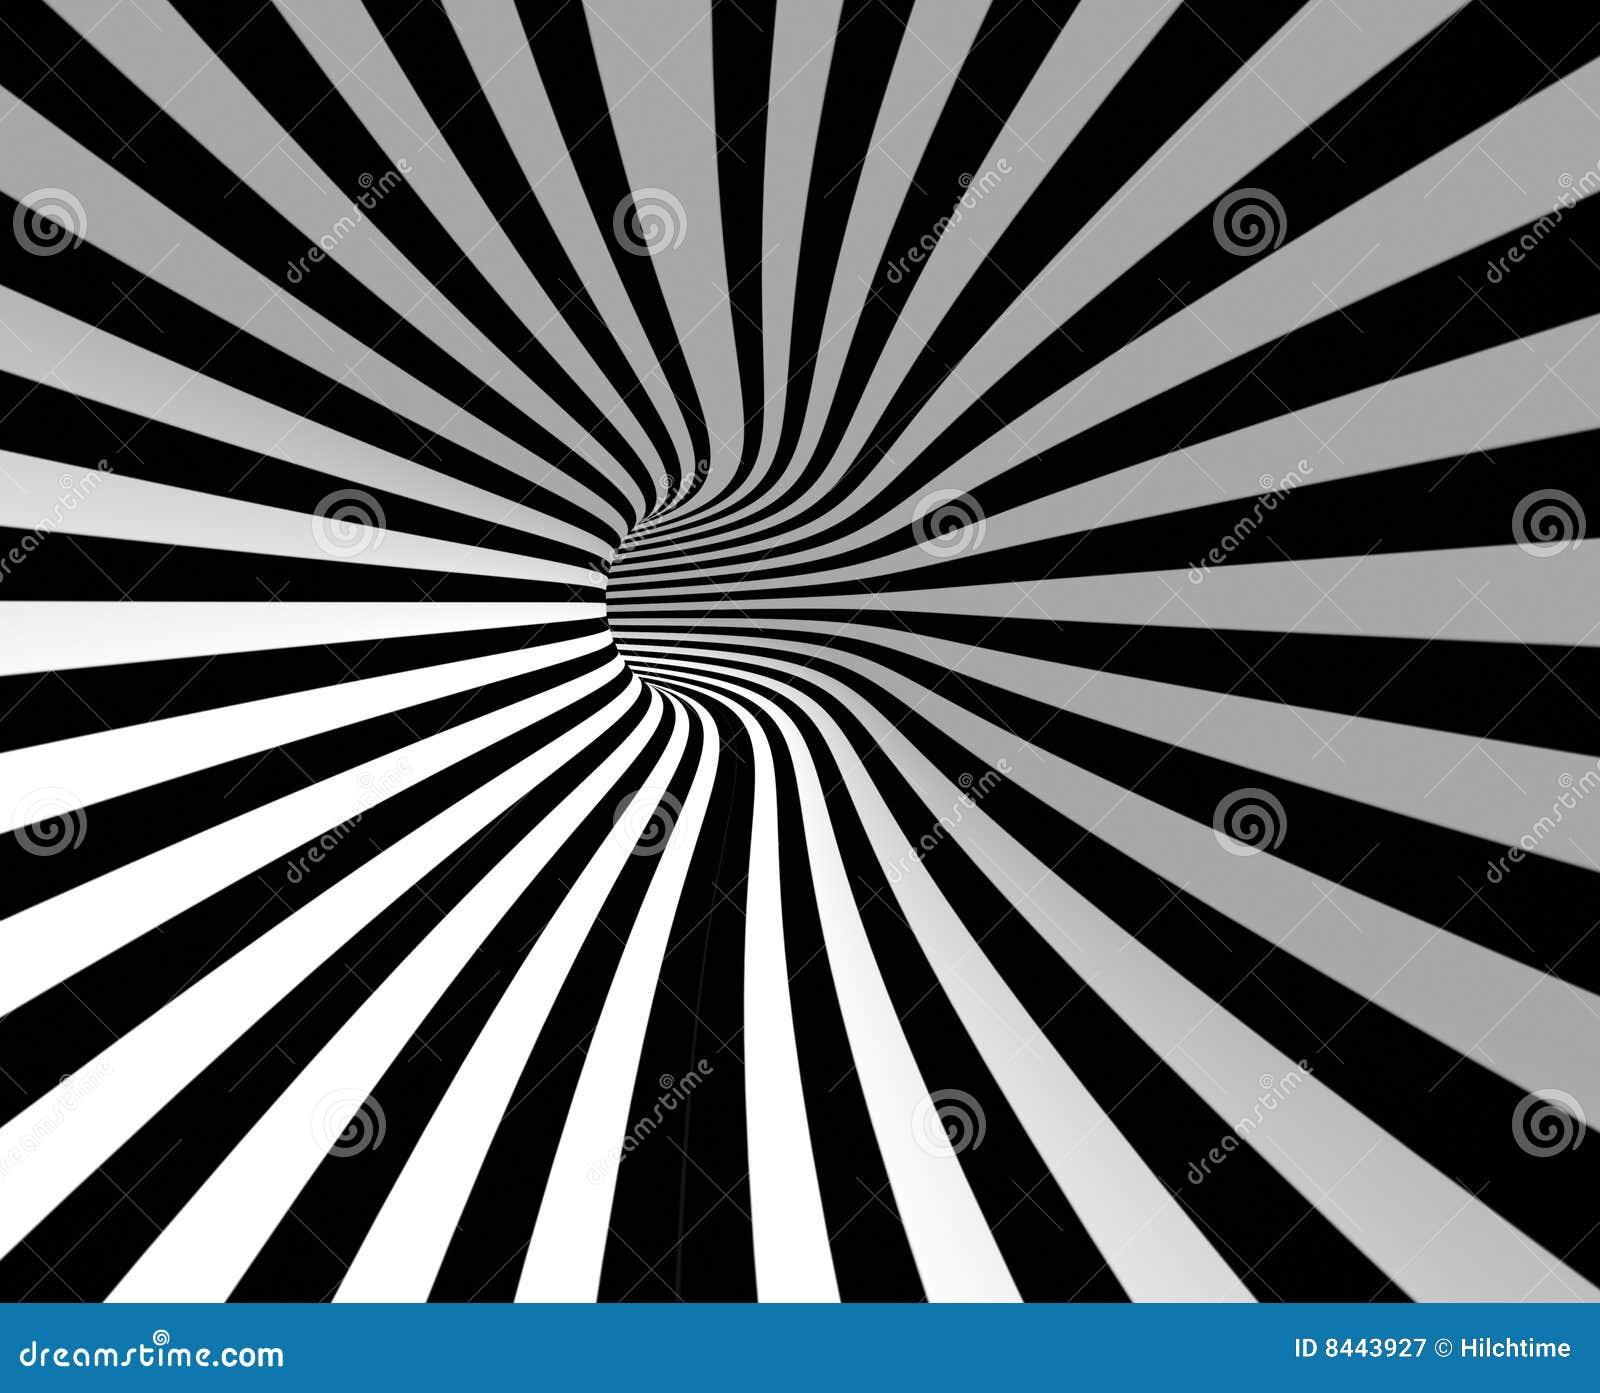 Striped hole